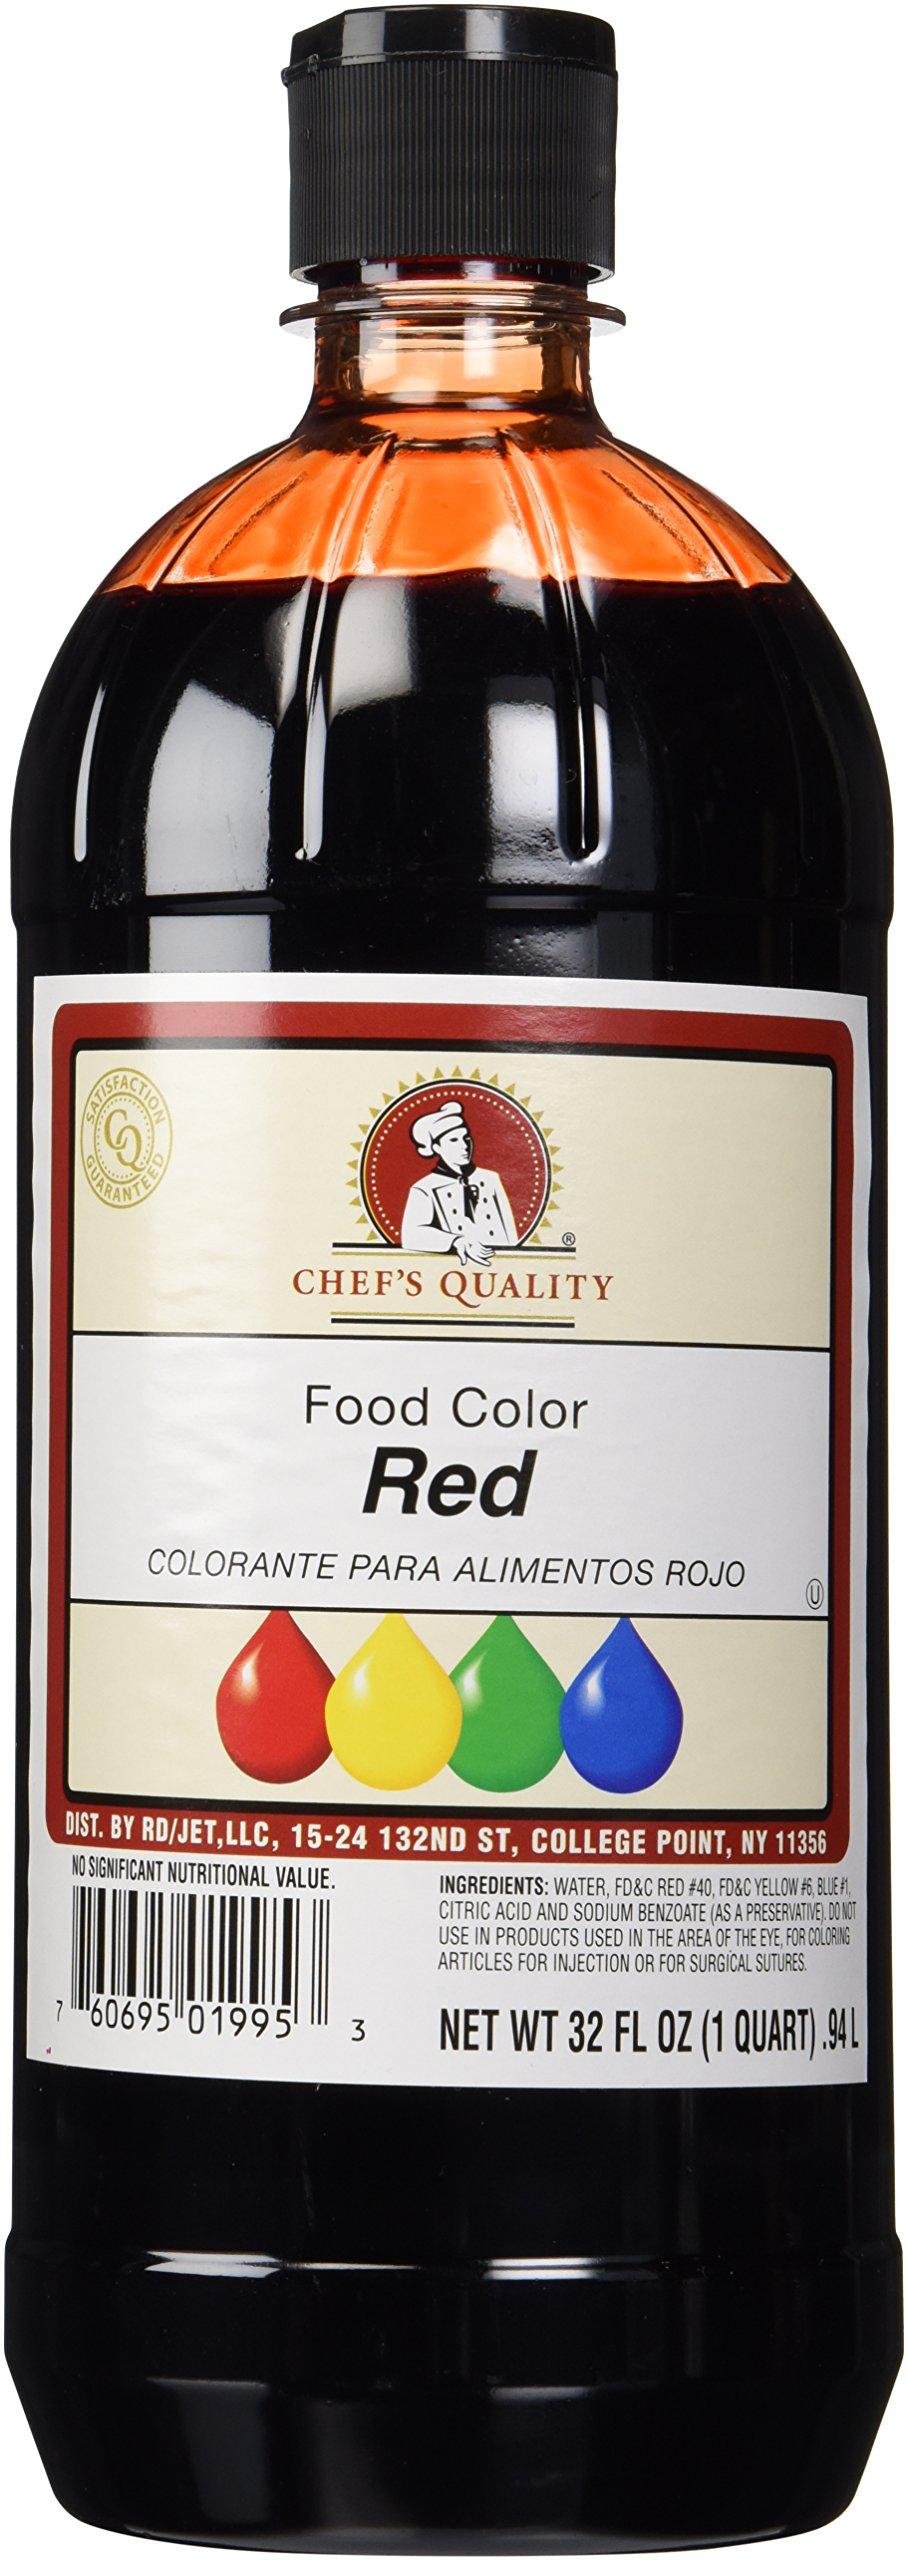 Liquid Red Food Color 32 OZ (1 Quart)